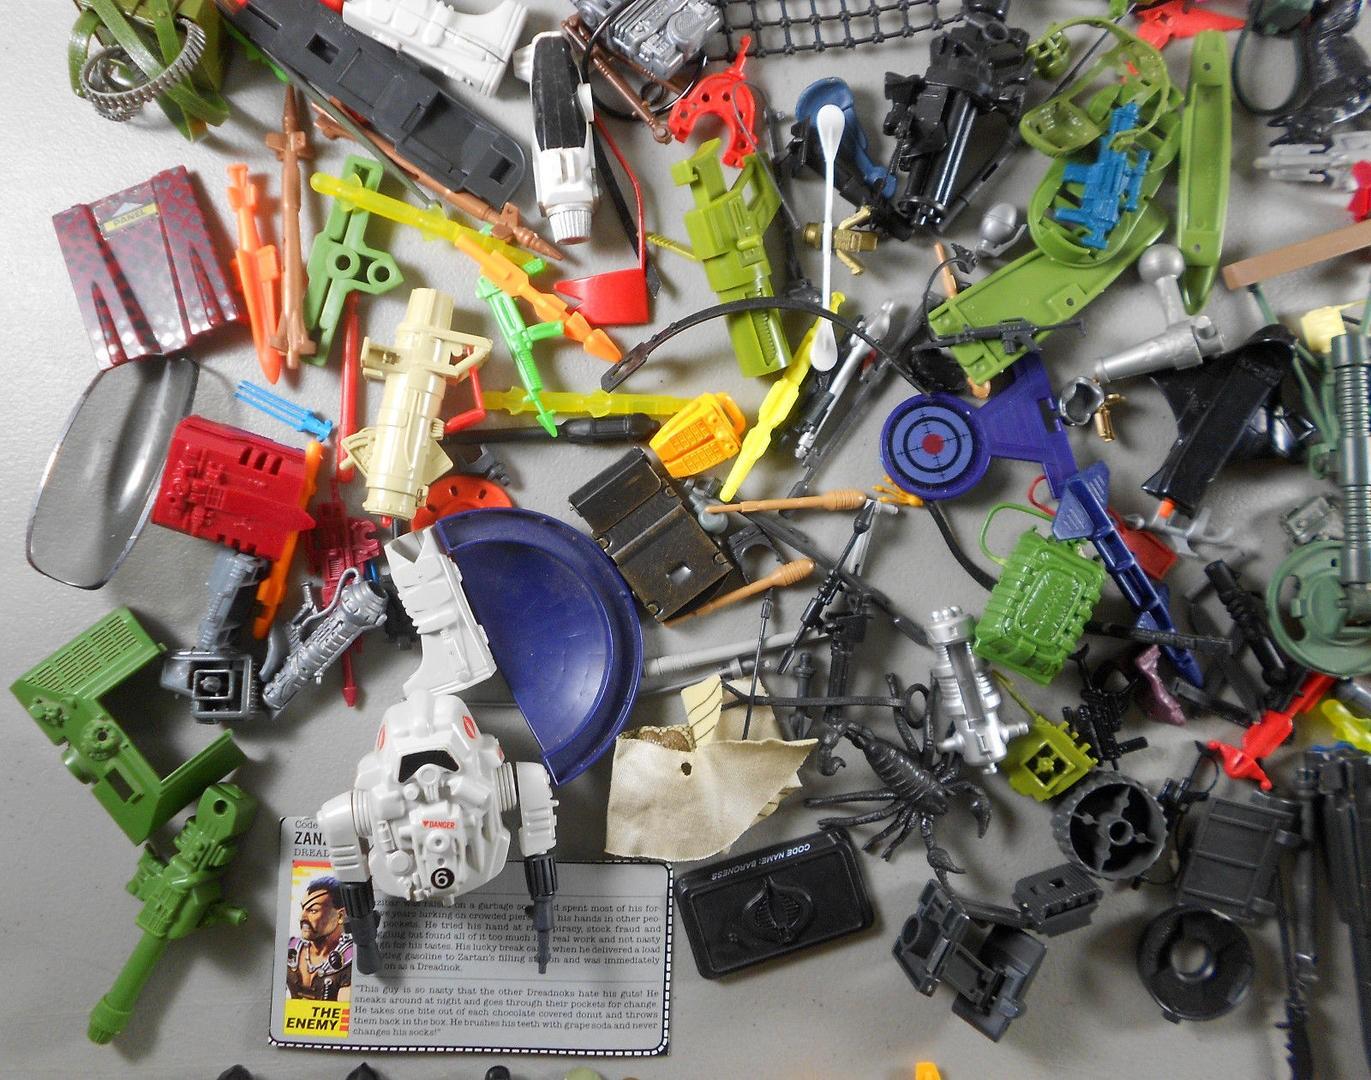 Tíz G.I.Joe felszerelés....amit nem kedvelek